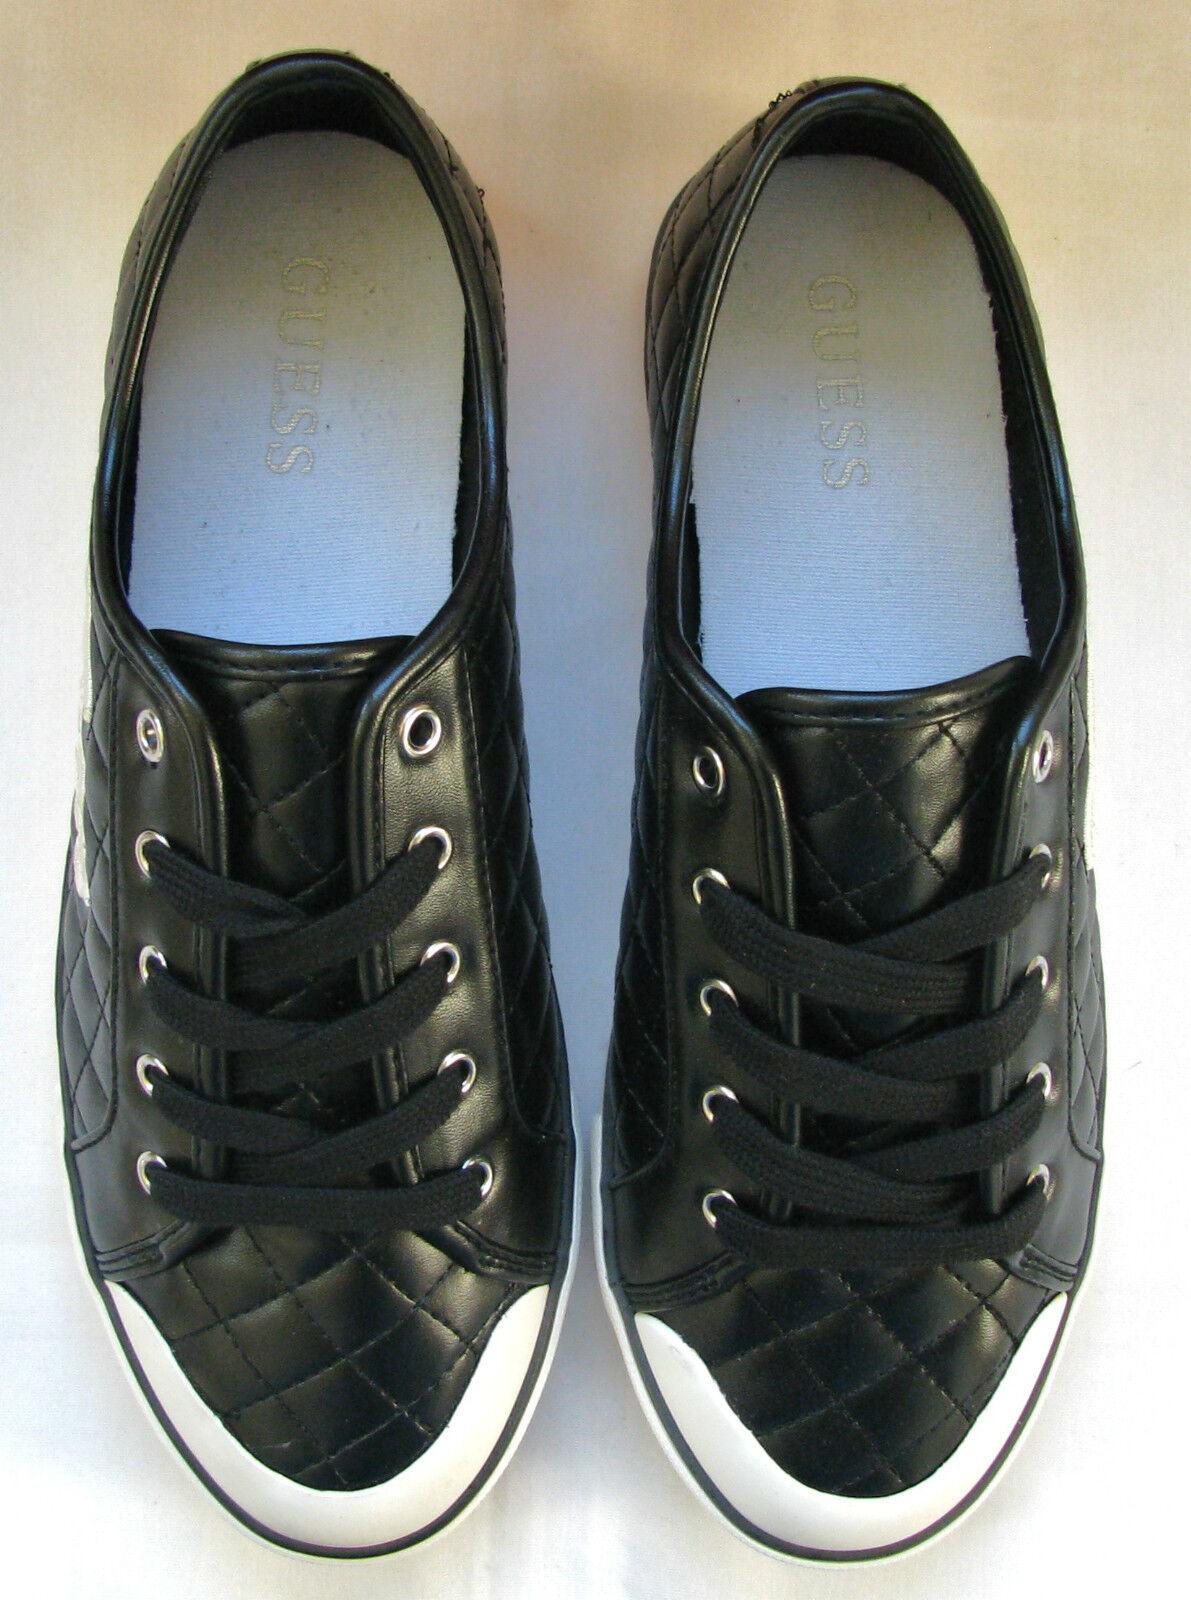 Neu Guess Braxton Schwarz & Weiß Kariert Schuhe Stich Trimm + Logo Schuhe Kariert Größe 8.5 Ovp ab3a8e